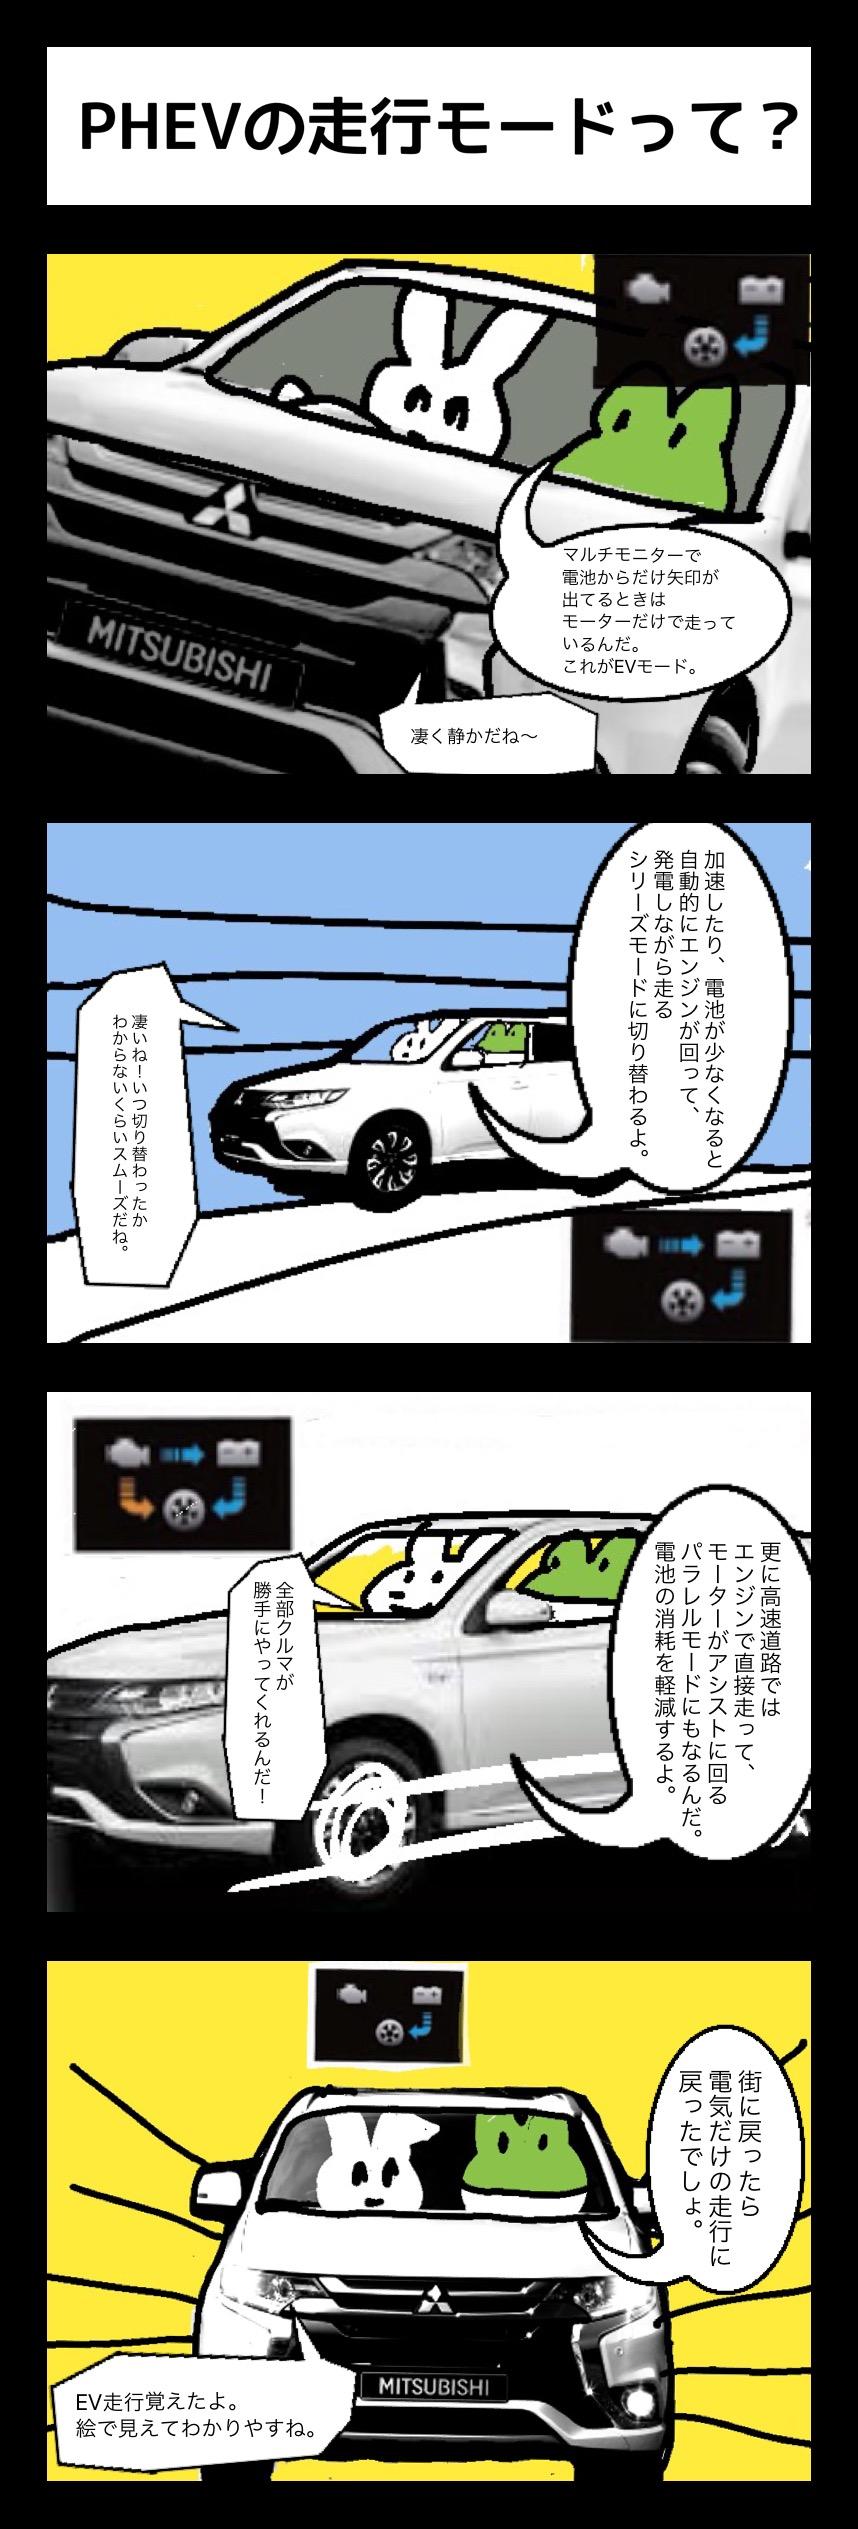 PHEV鳥獣戯画 その④「PHEVの走行モードって?」